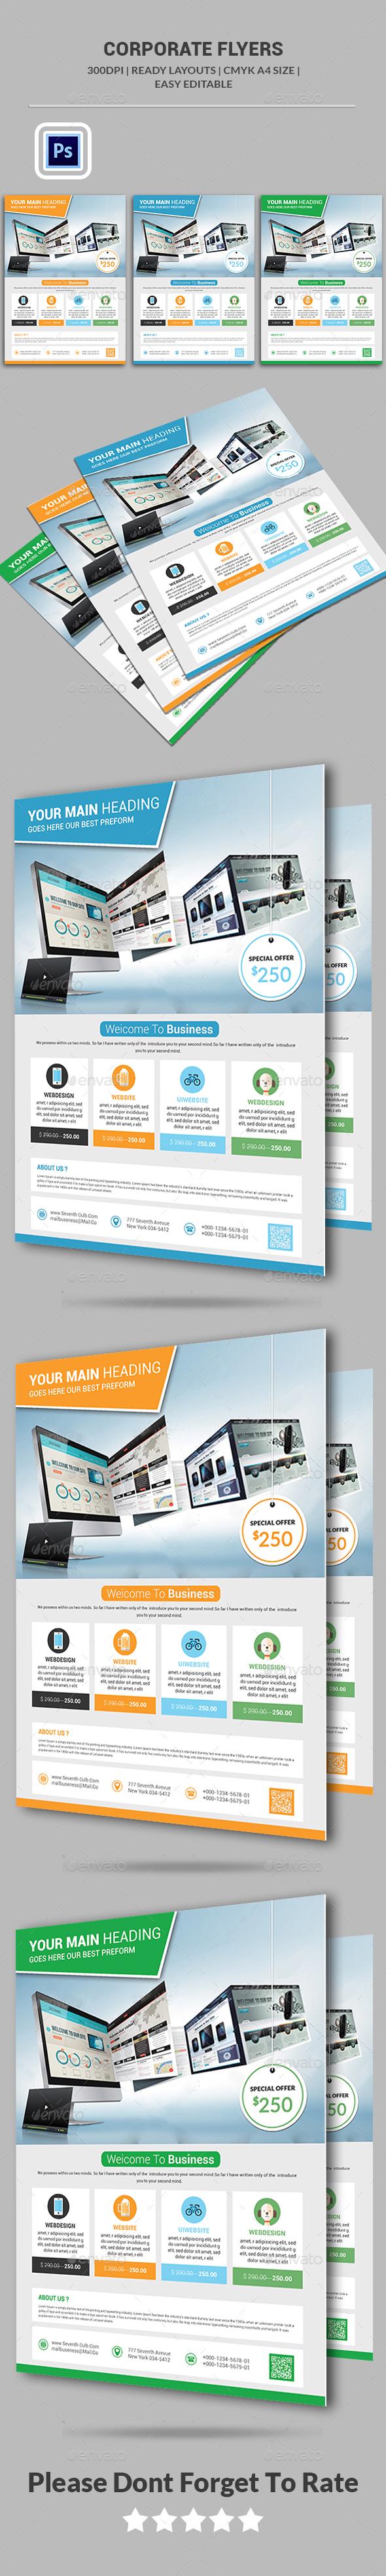 Website Design Agency Flyer - Corporate Flyers